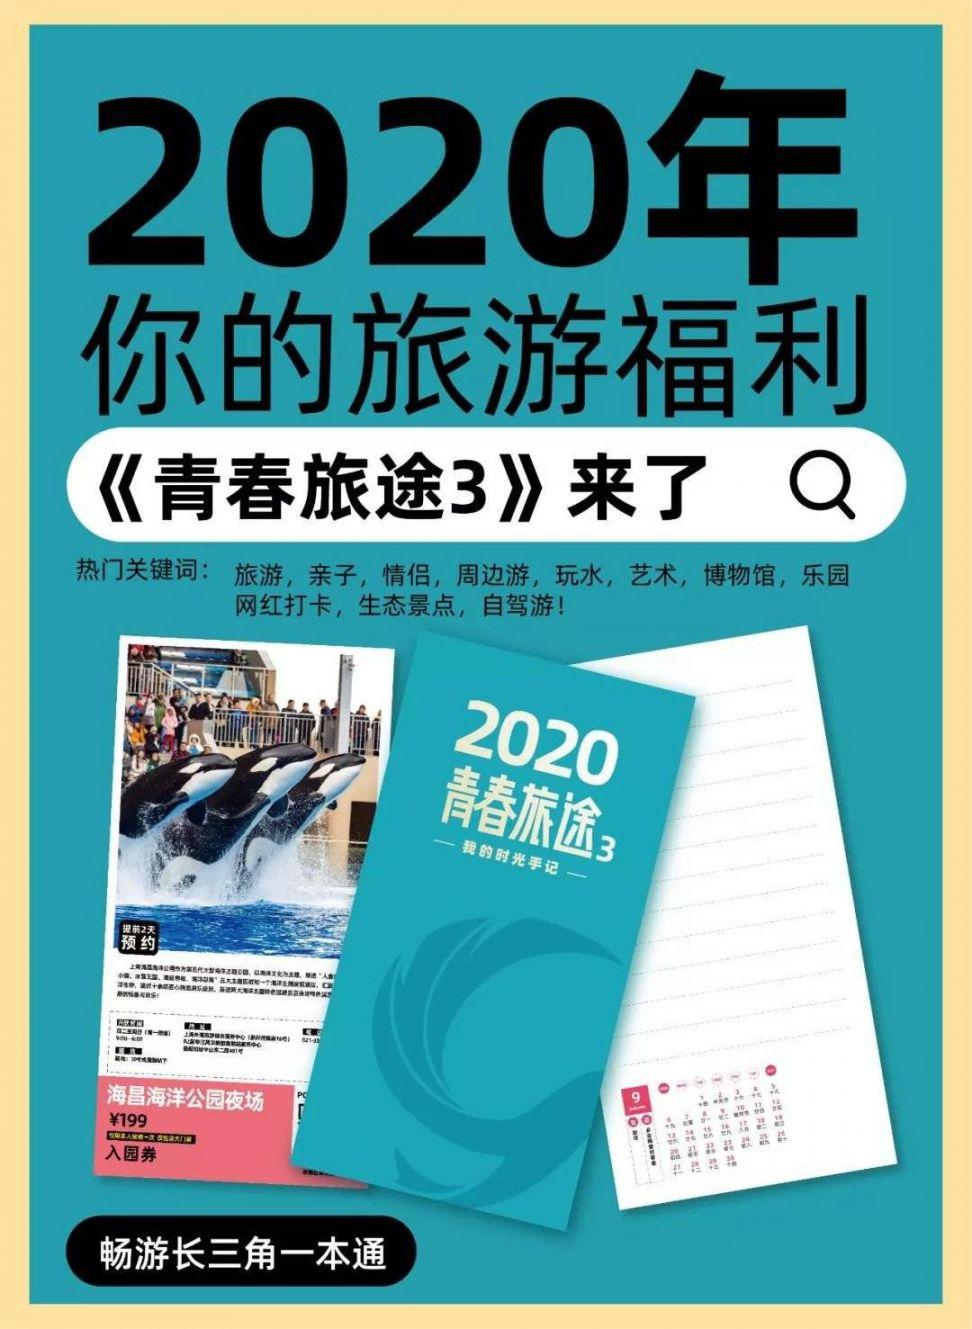 2020上海青春旅途3联票常见购买使用问题及解答